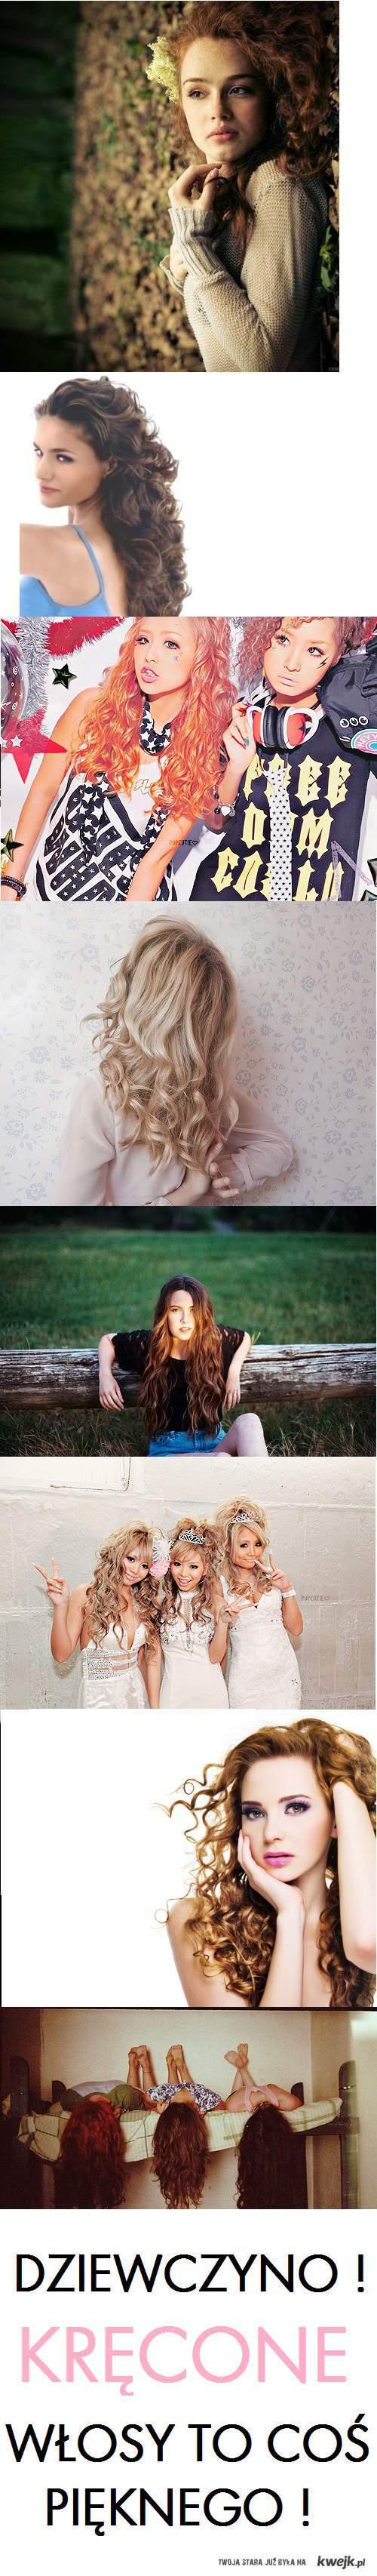 Kręcone włosy to coś pięknego !